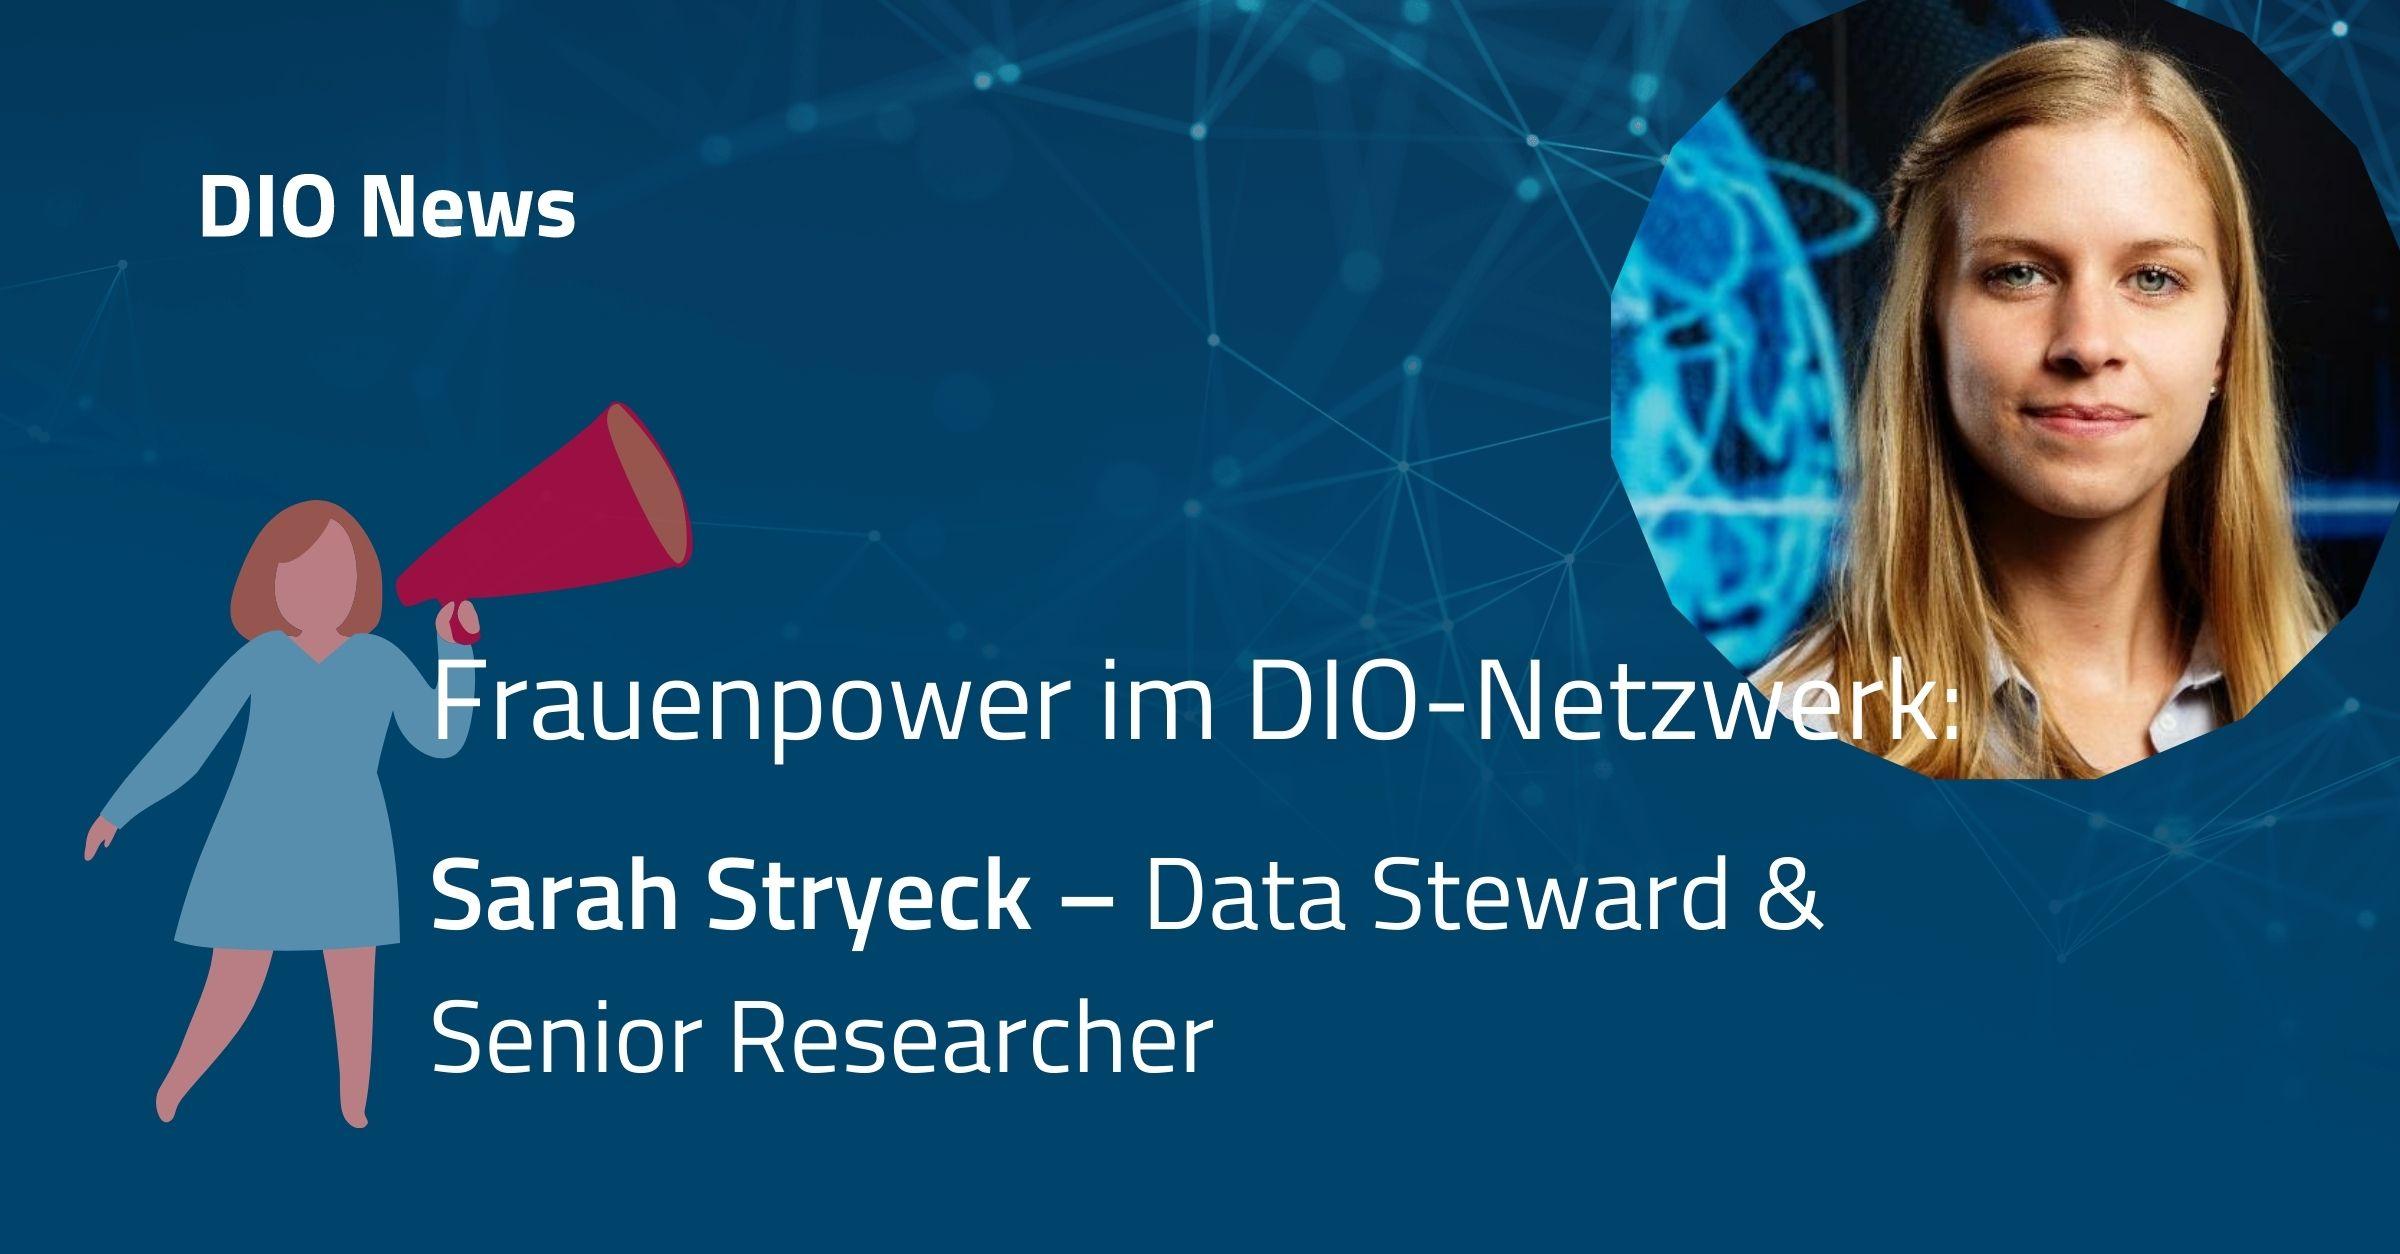 Frauenpower im DIO-Netzwerk: Sarah Stryeck – Data Steward & Senior Researcher